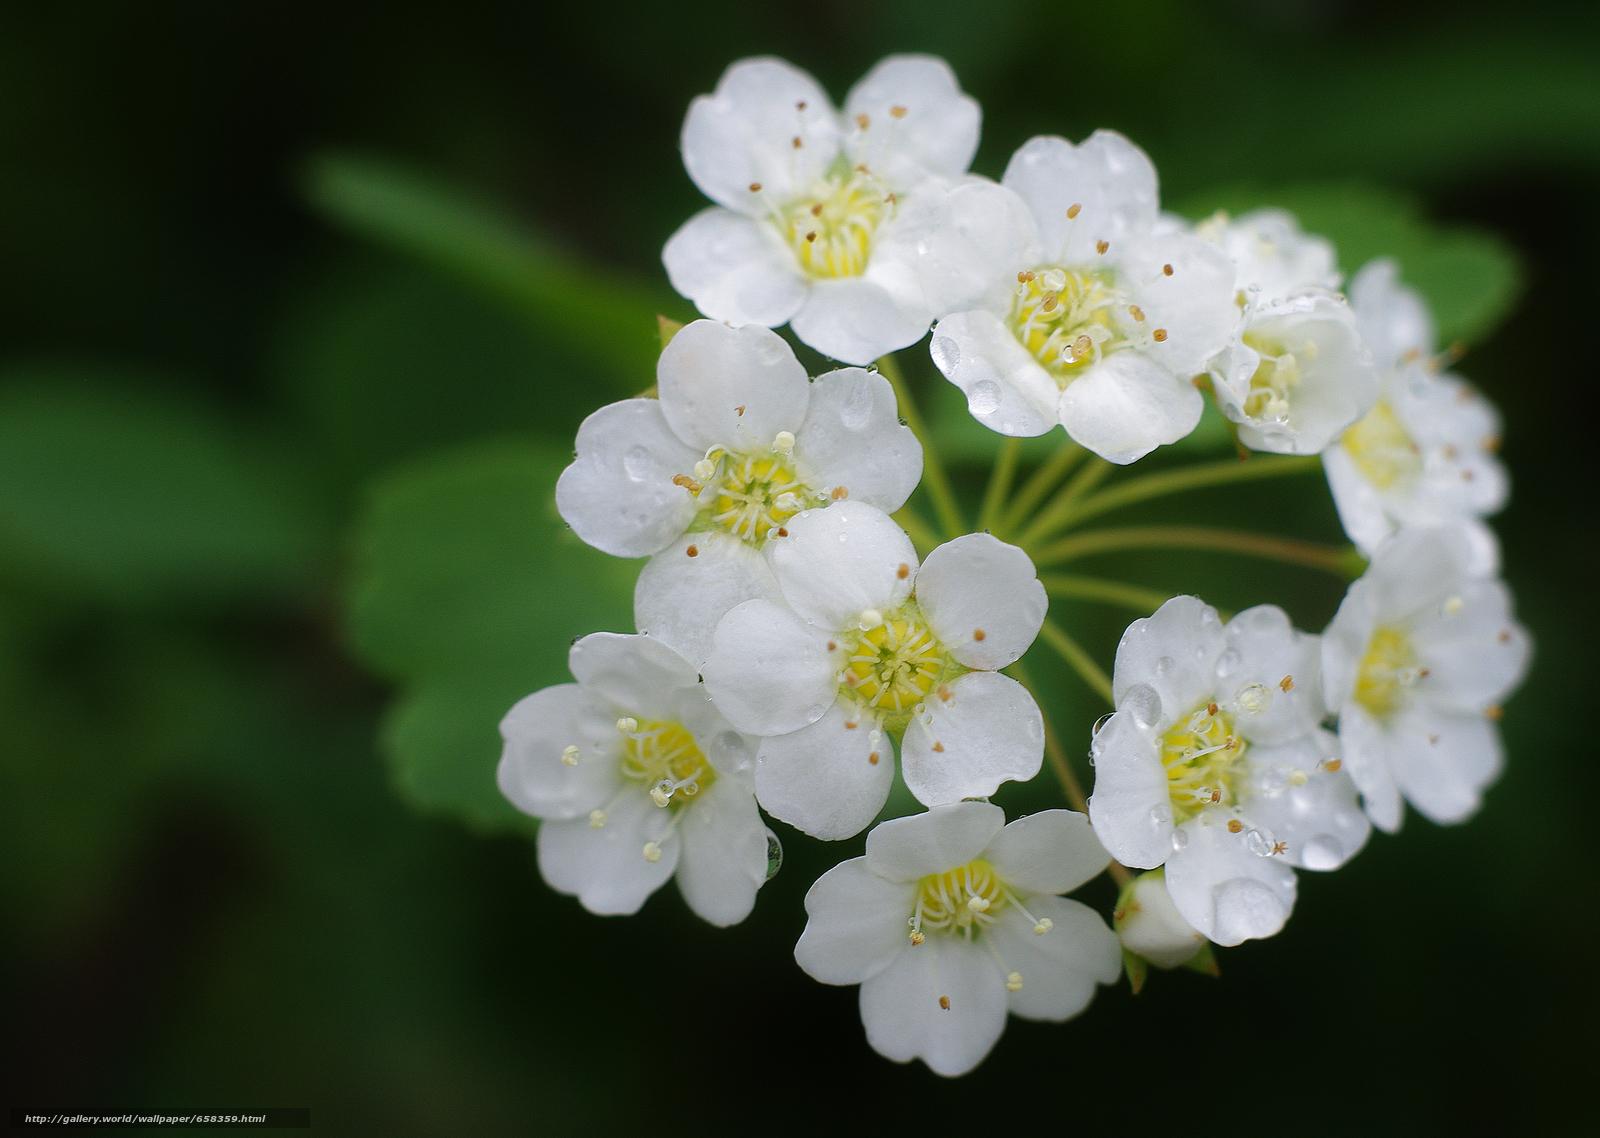 Скачать обои цветок,  цветы,  флора бесплатно для рабочего стола в разрешении 4245x3018 — картинка №658359